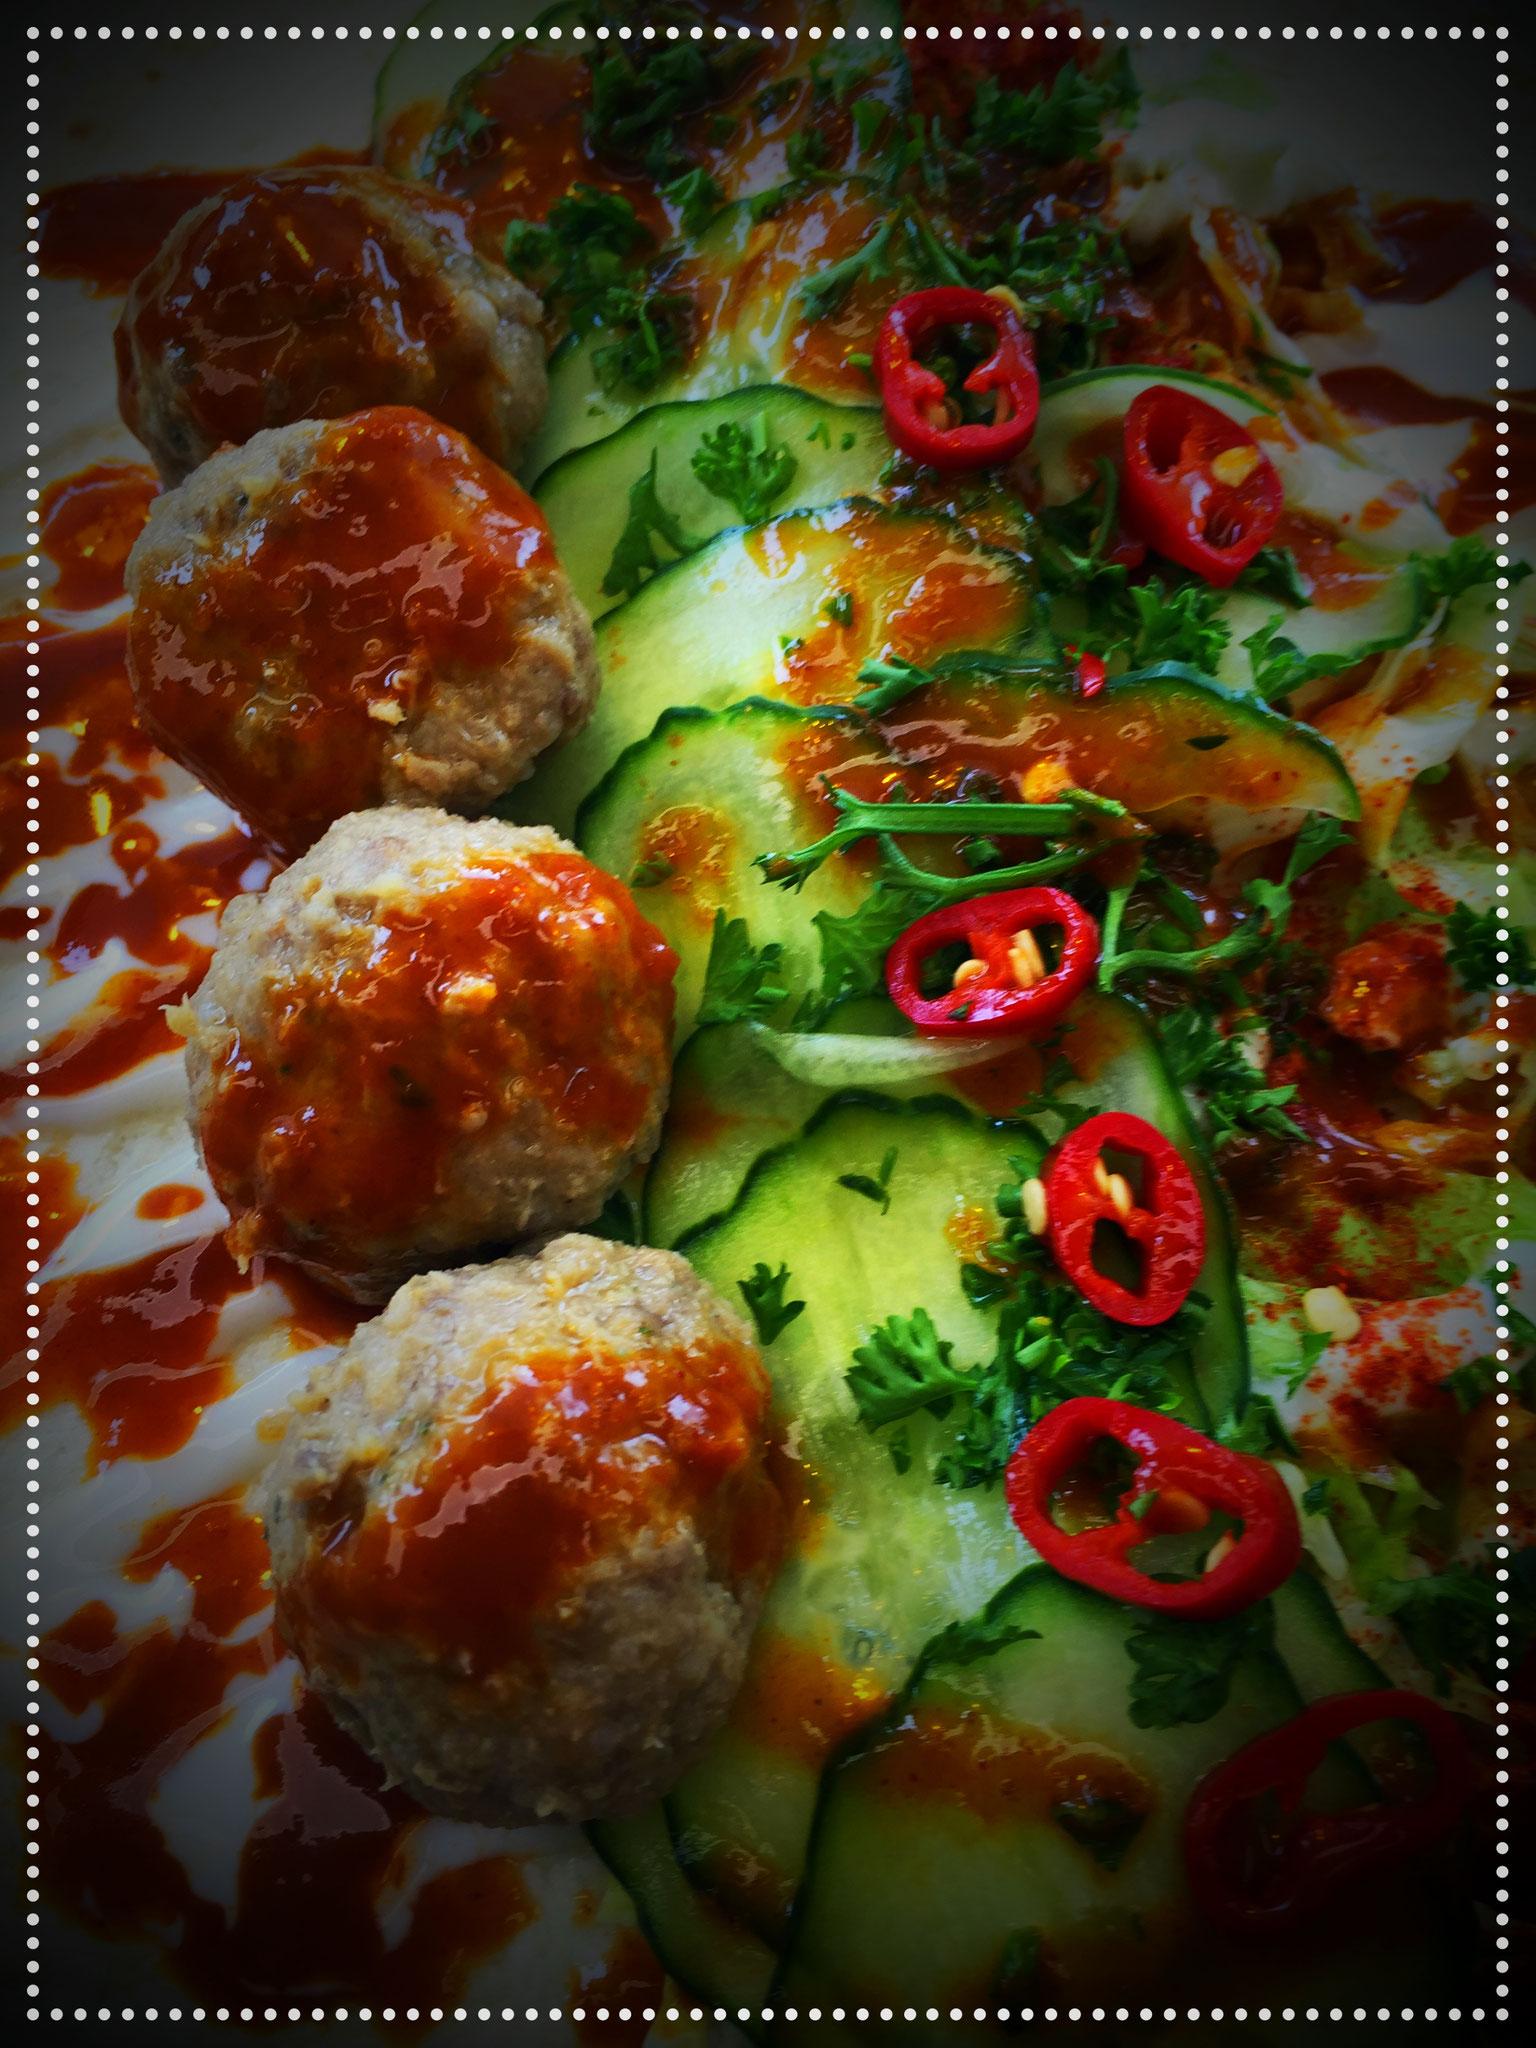 Yaprak - Fladenbrot gefüllt mit Meat Balls